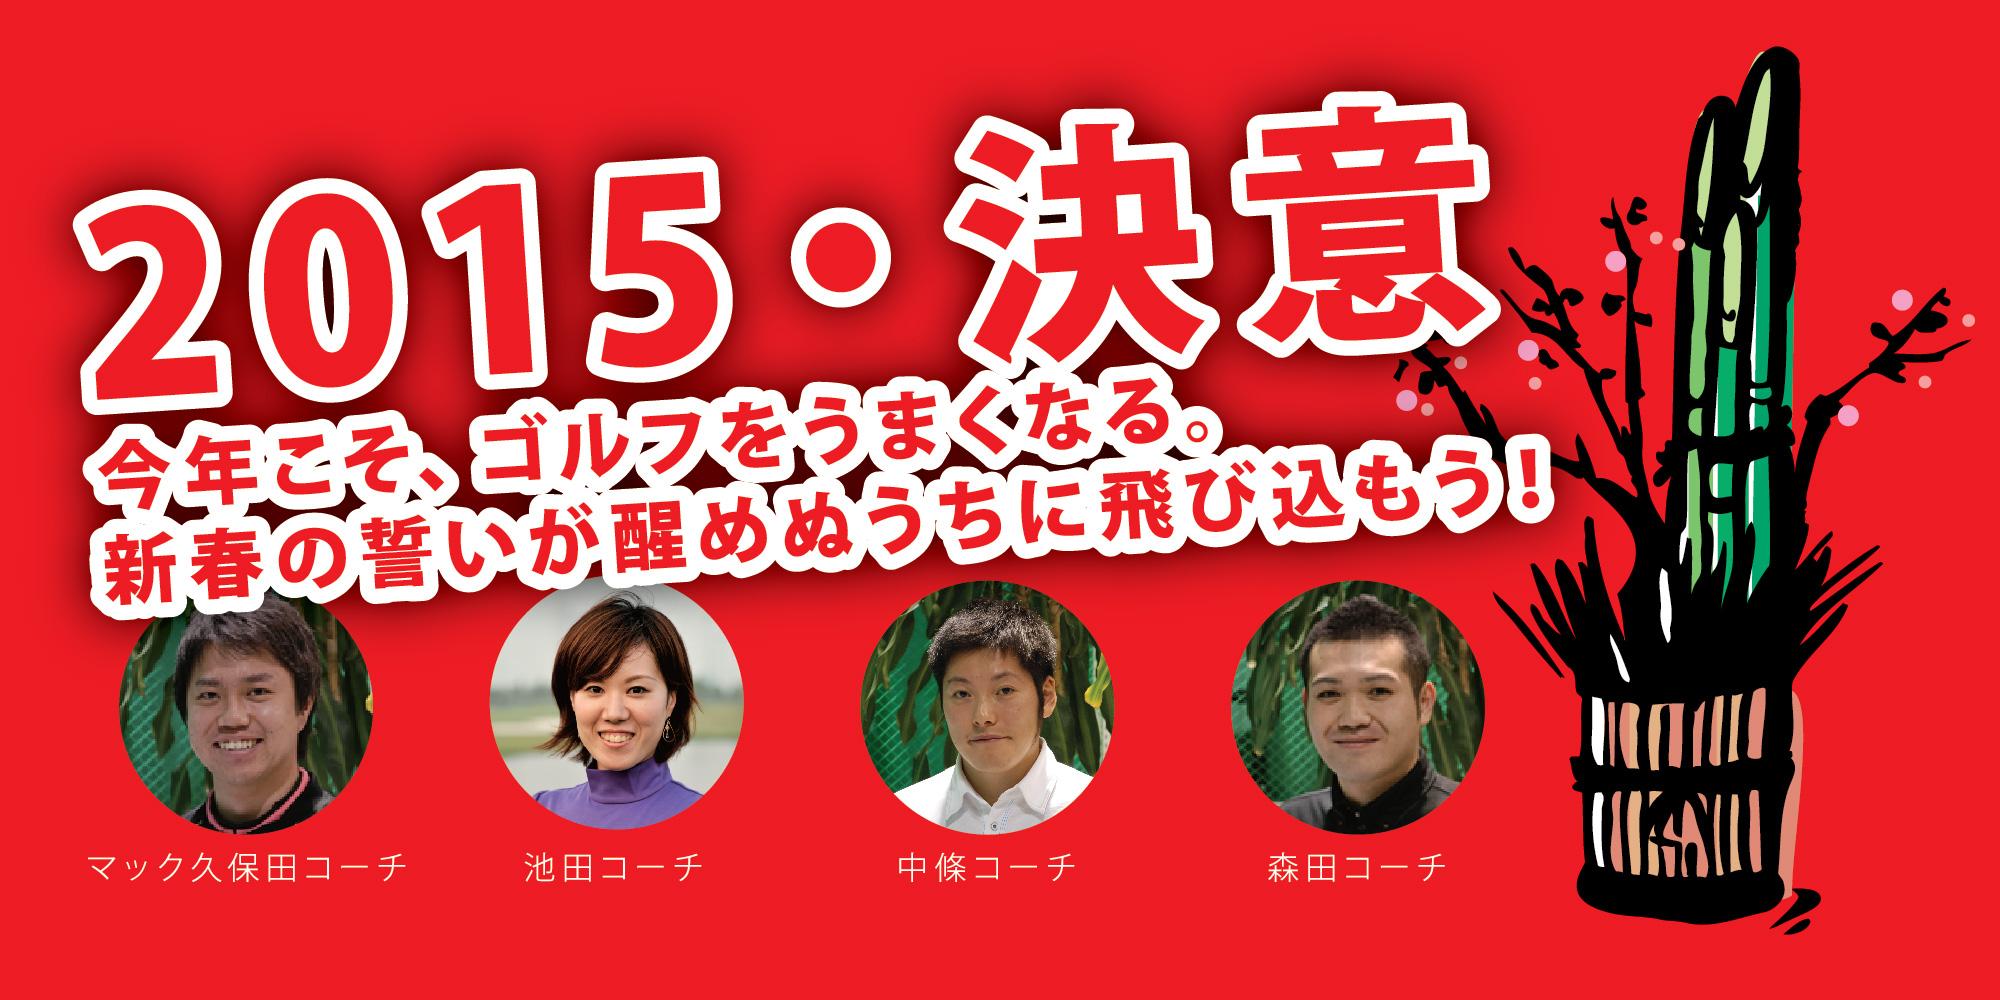 春節までの短期集中レッスンが期間中受講し放題で980元!!